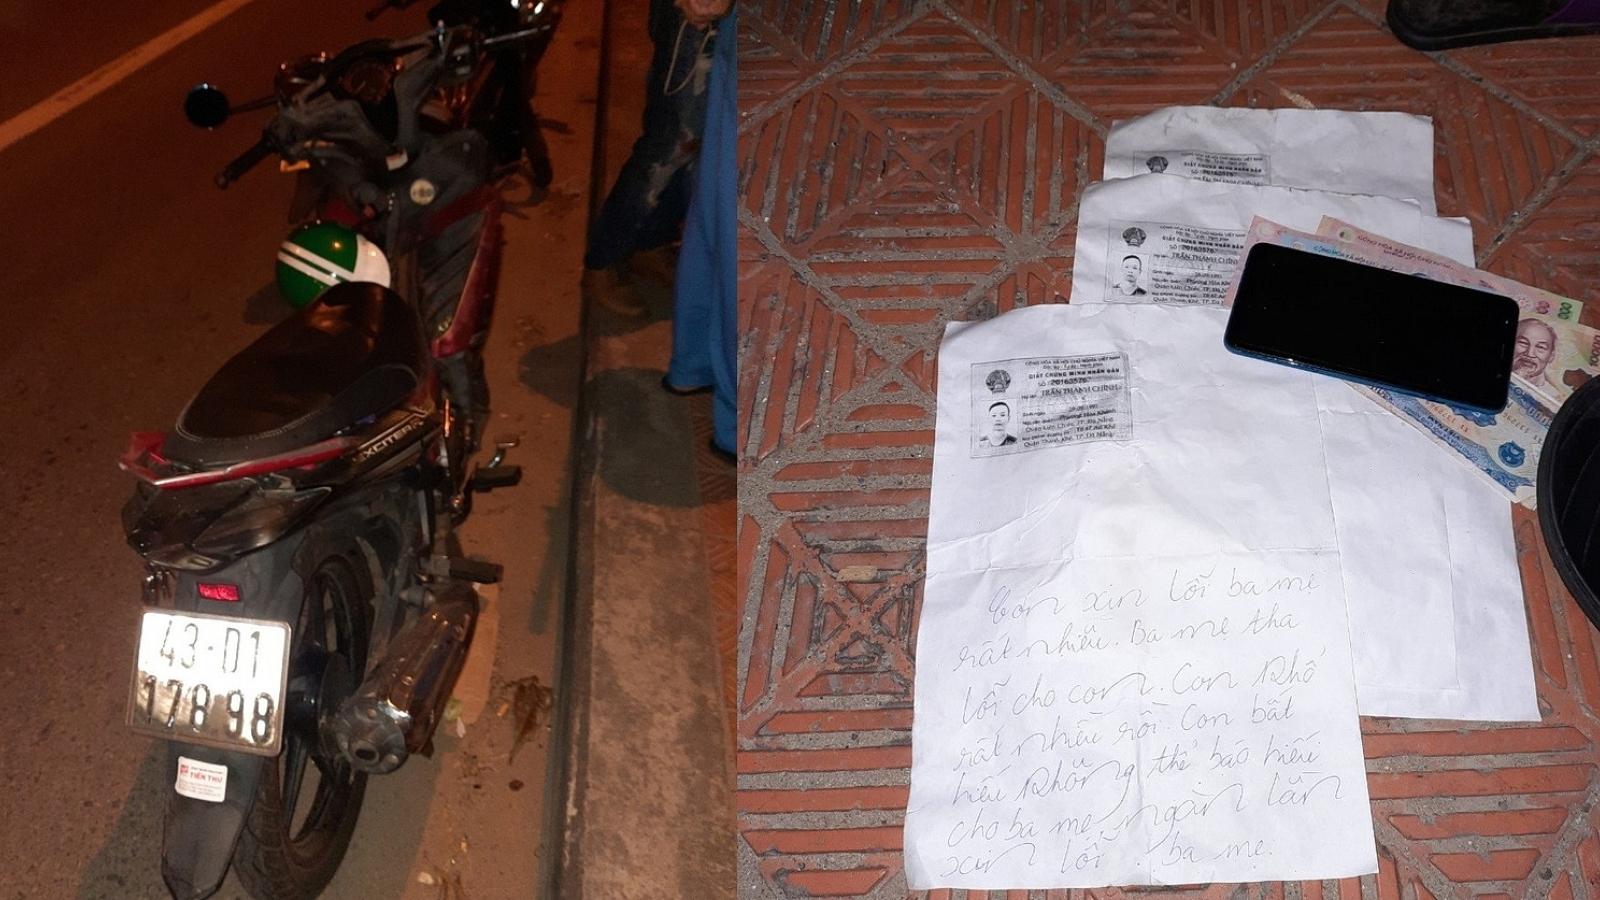 Phát hiện xe máy và thư tuyệt mệnh của tài xế Grab bỏ trên cầu